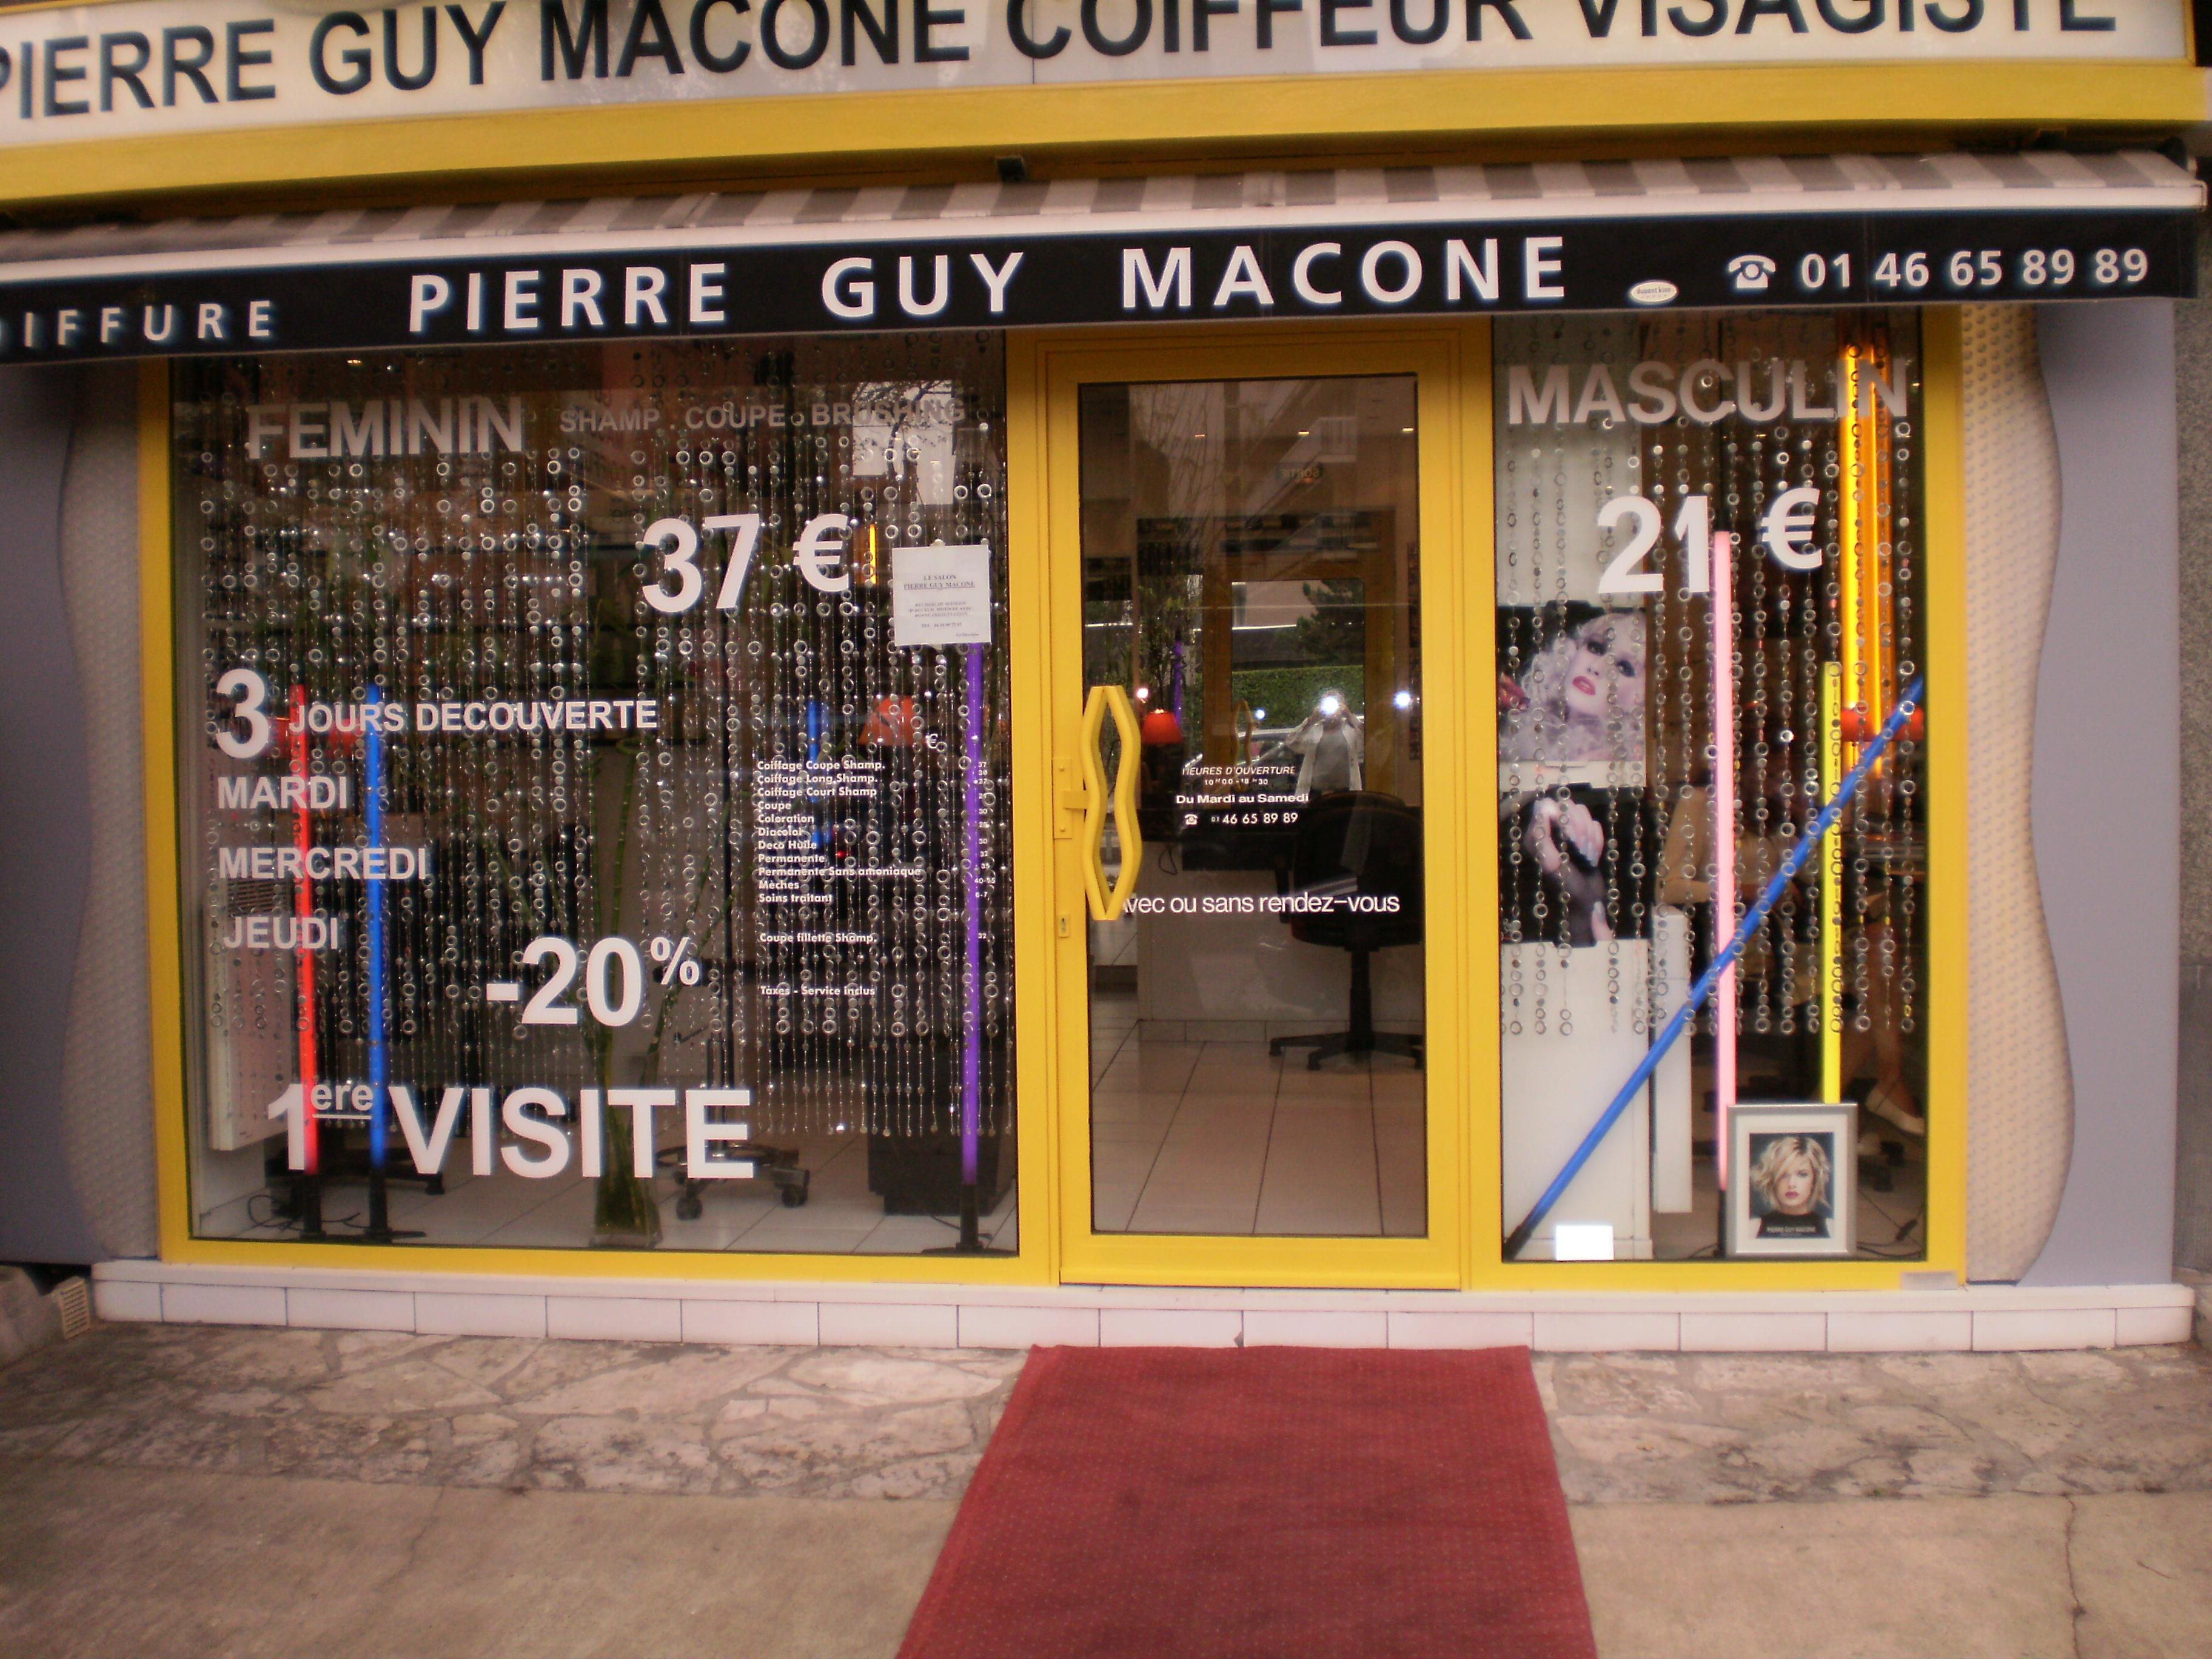 Pierre Guy Macone